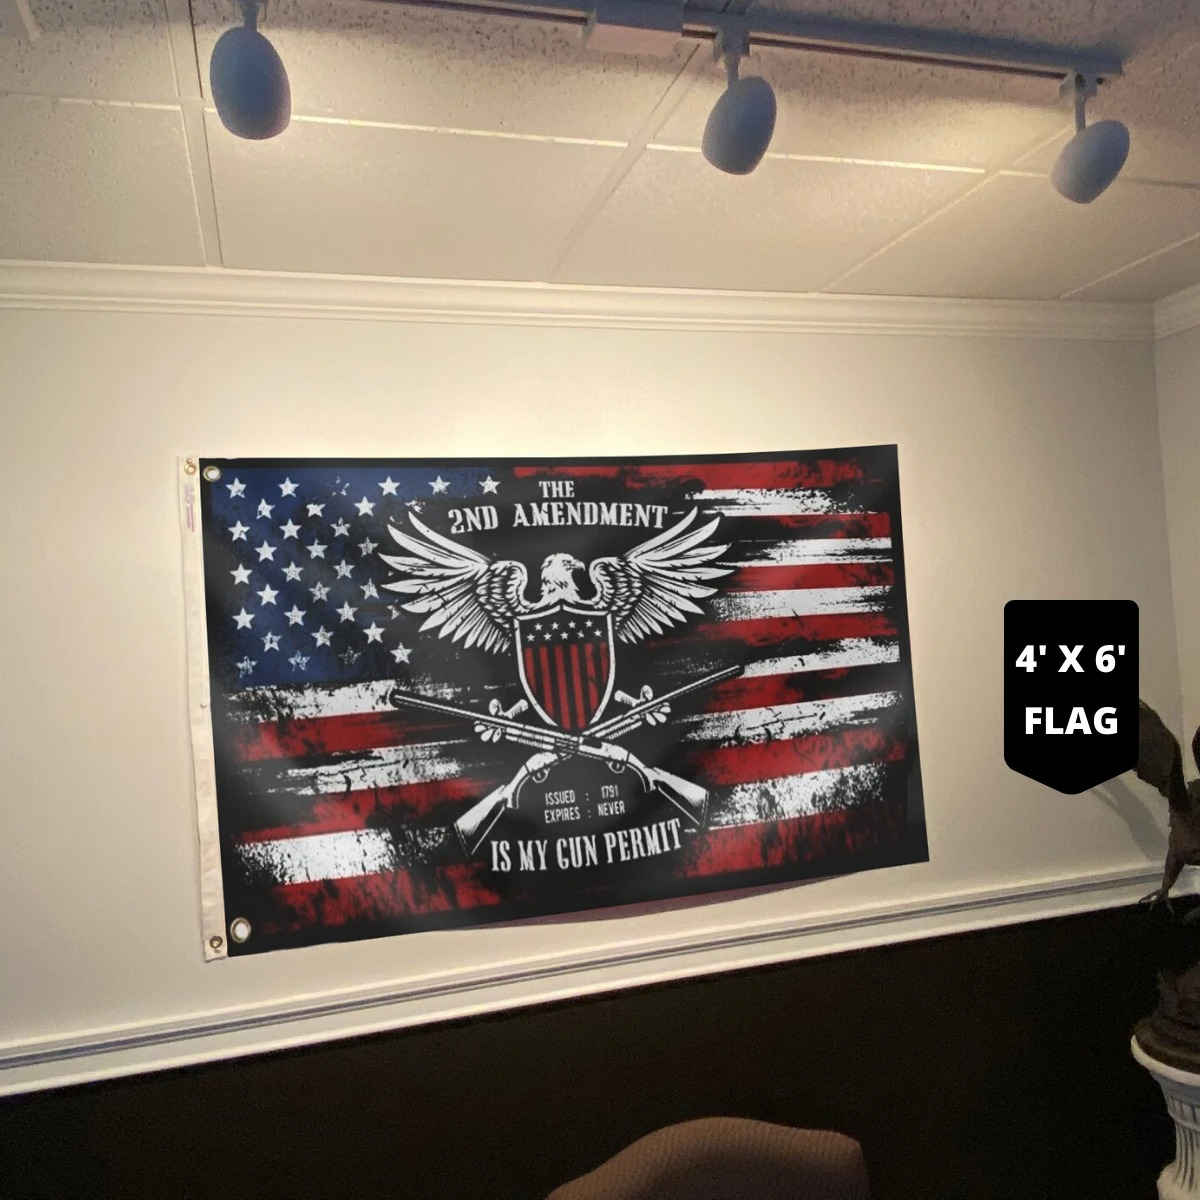 The 2ND amendment is my gun permit flag3